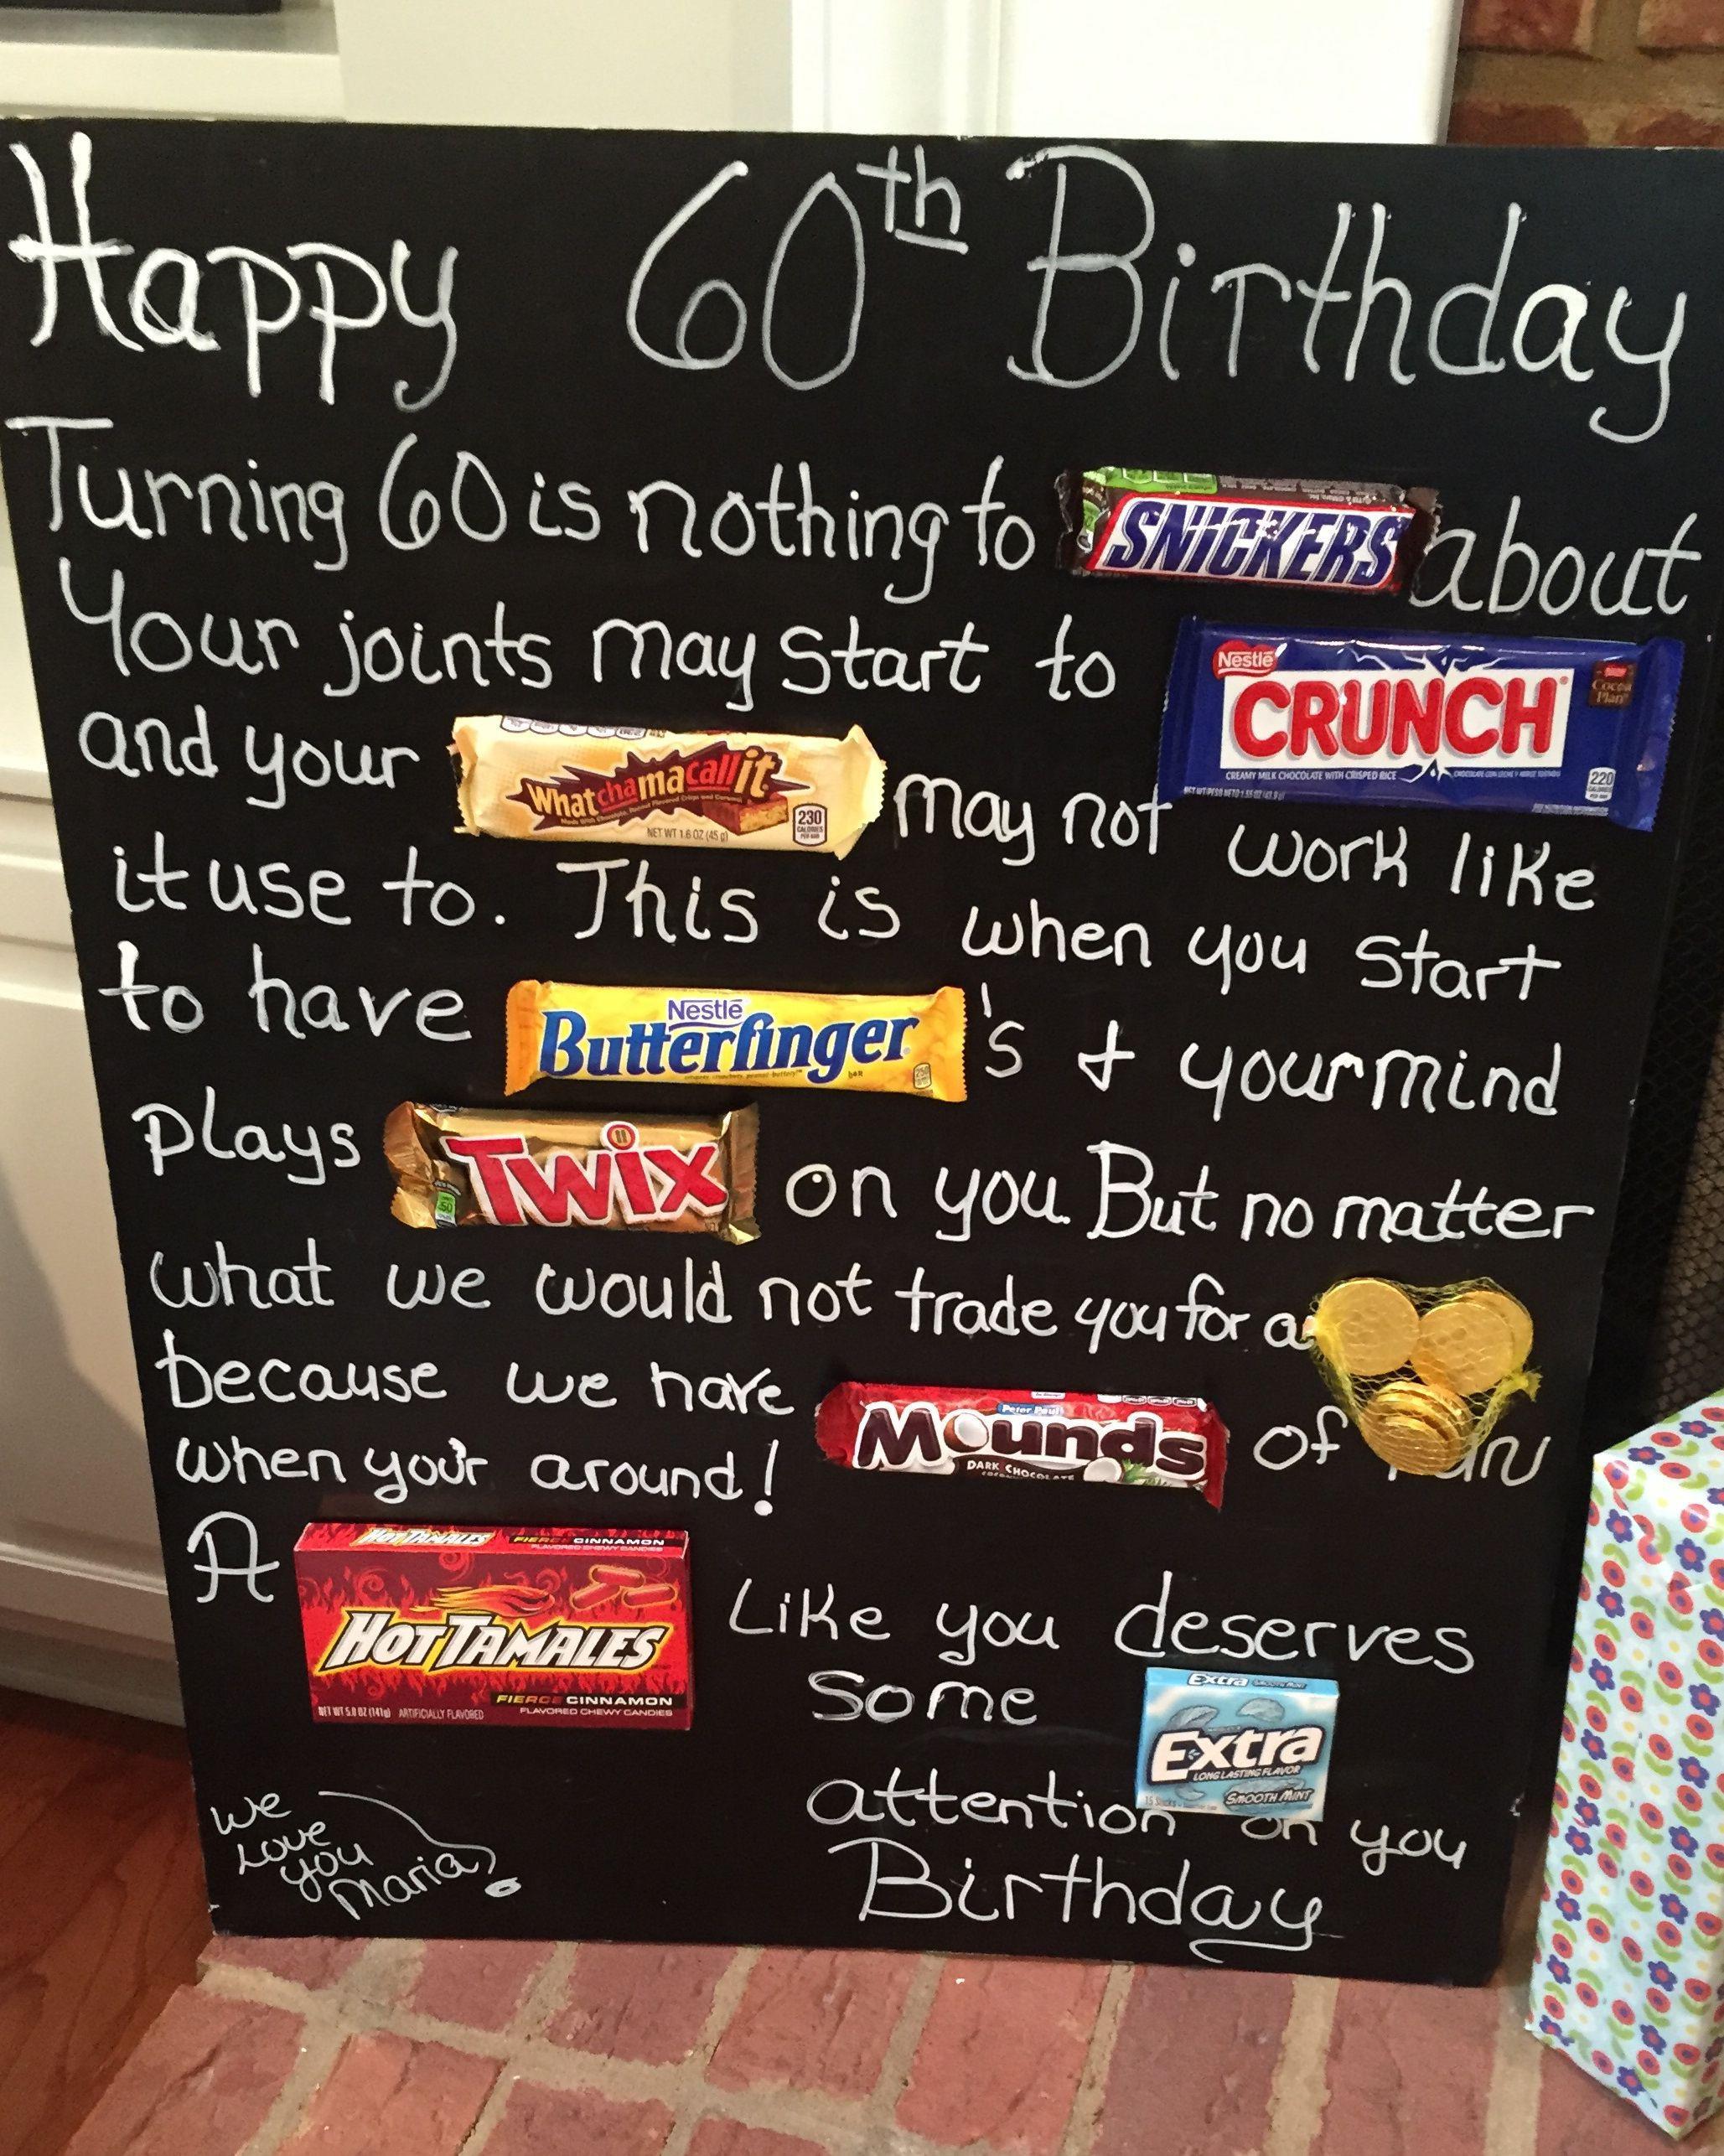 Geschenke Zum 60.Geburtstag  Lustige Geschenke Zum 60 Geburtstag Basteln